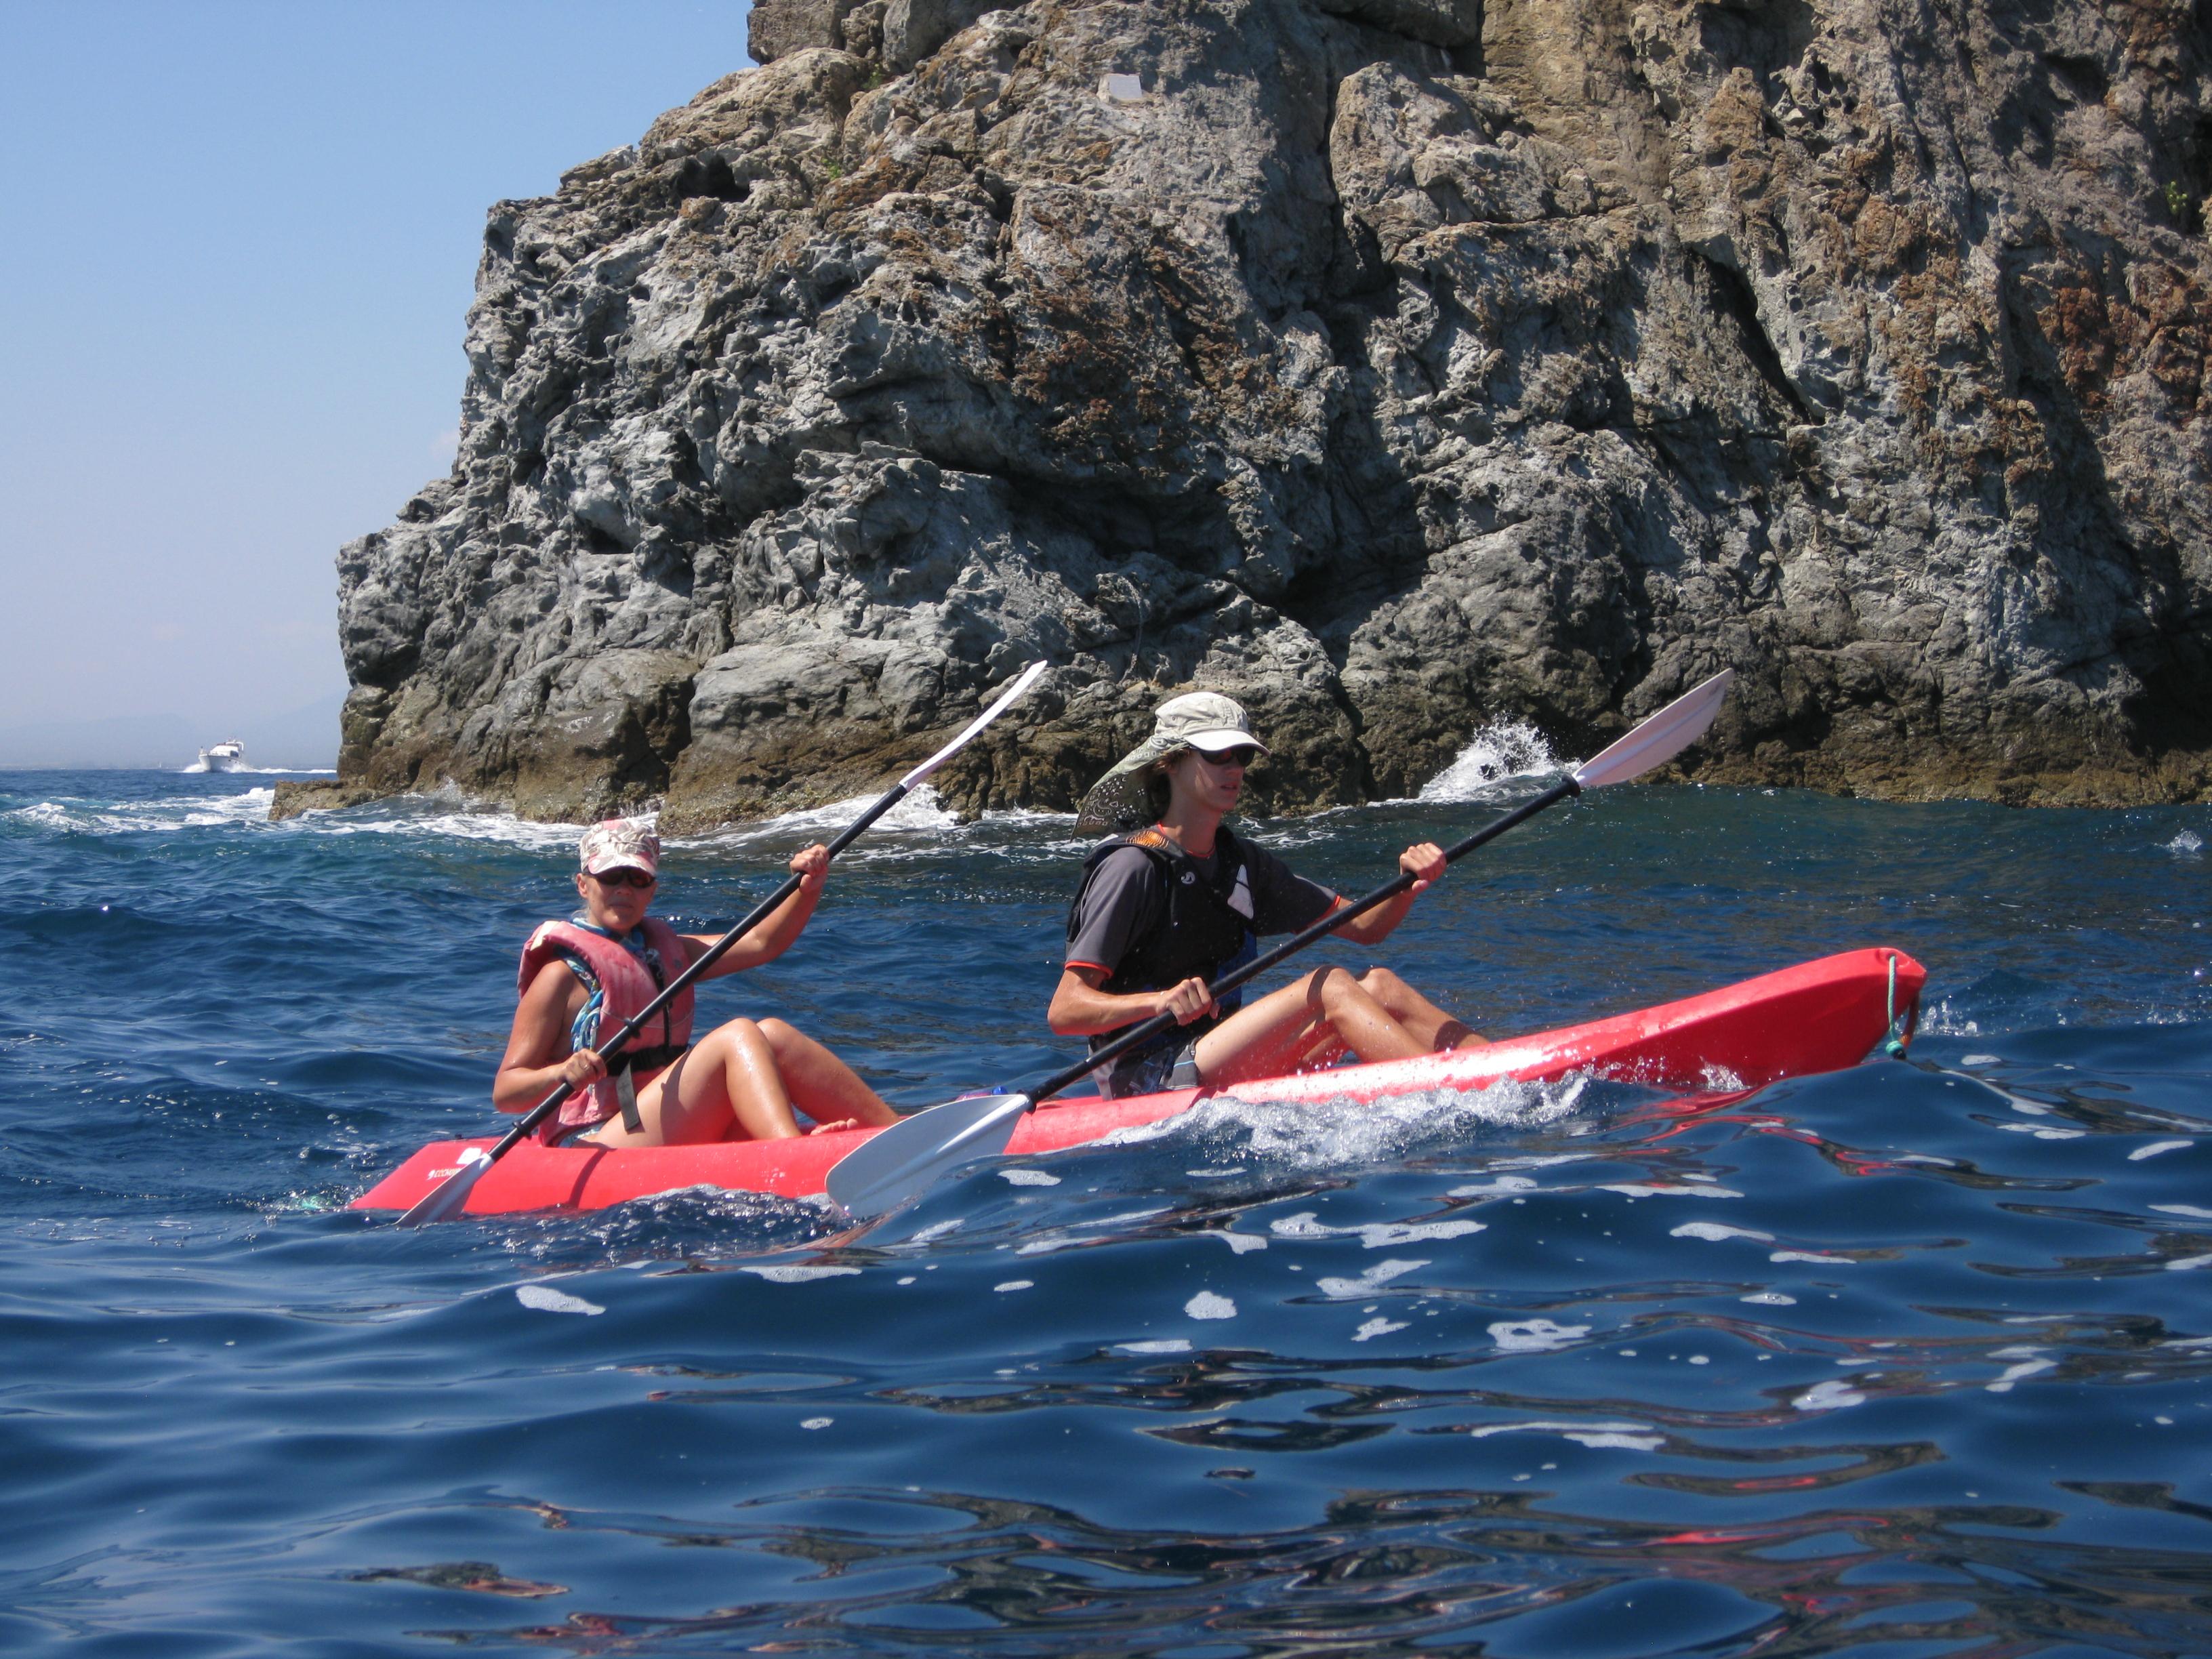 Sea kayaking Costa Brava – MOVIE